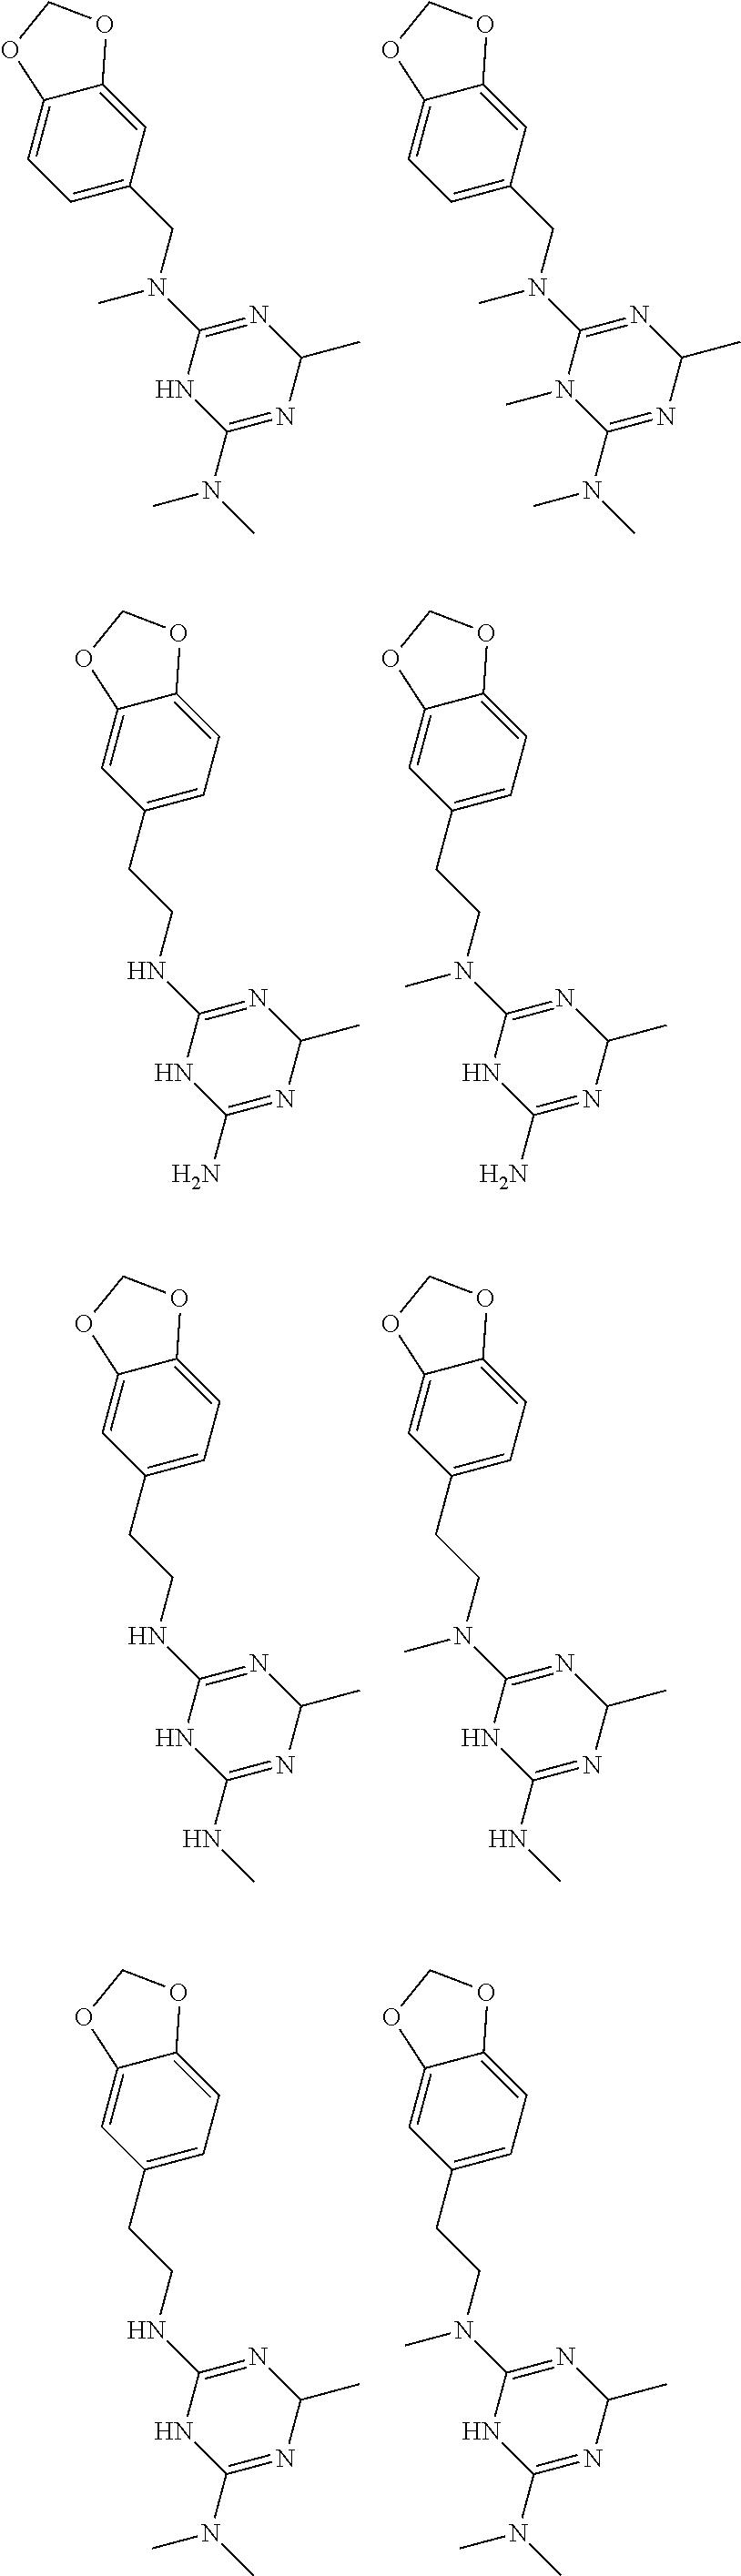 Figure US09480663-20161101-C00177